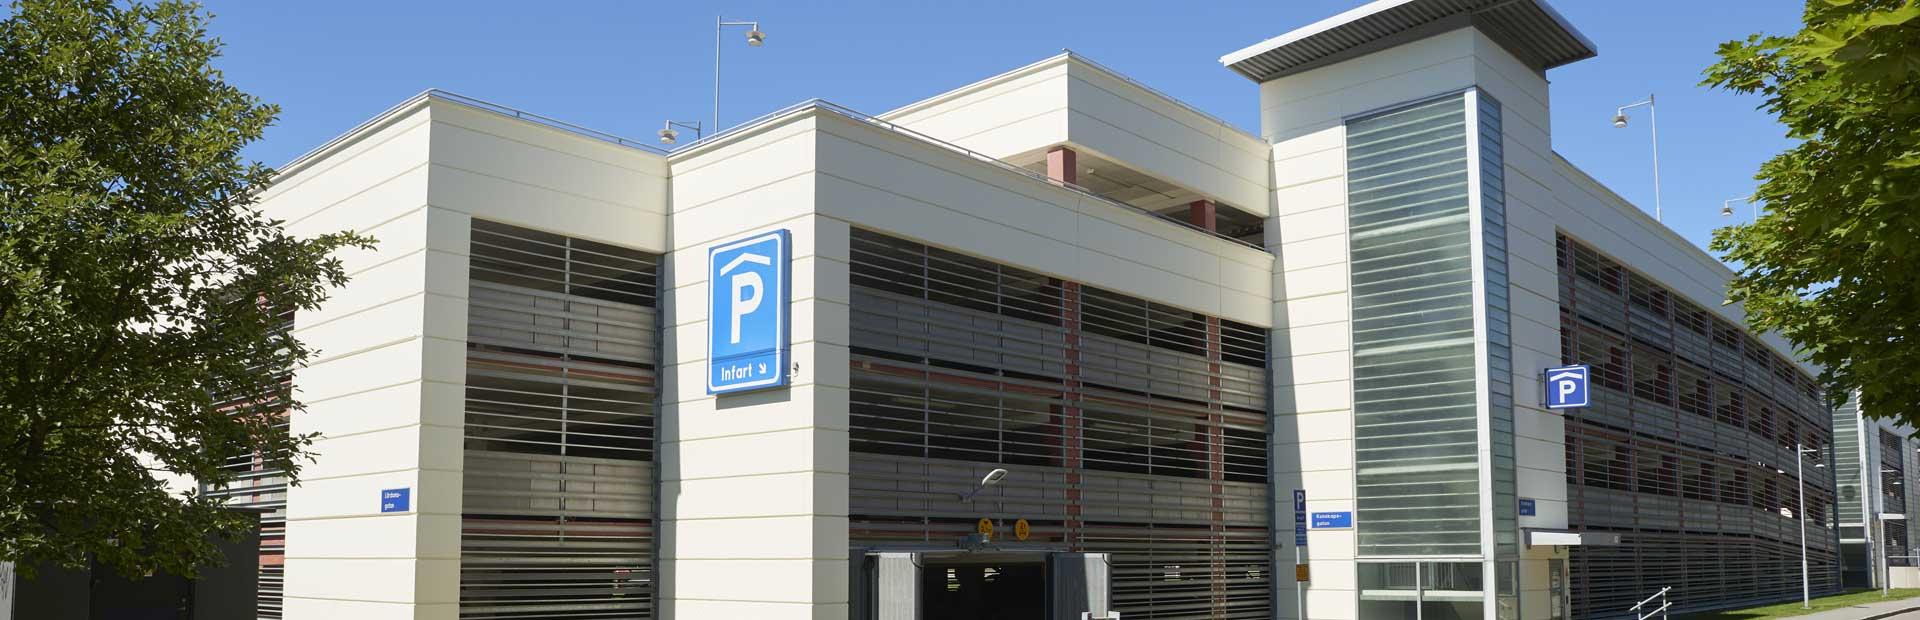 Bild på en parkeringhus i Göteborg